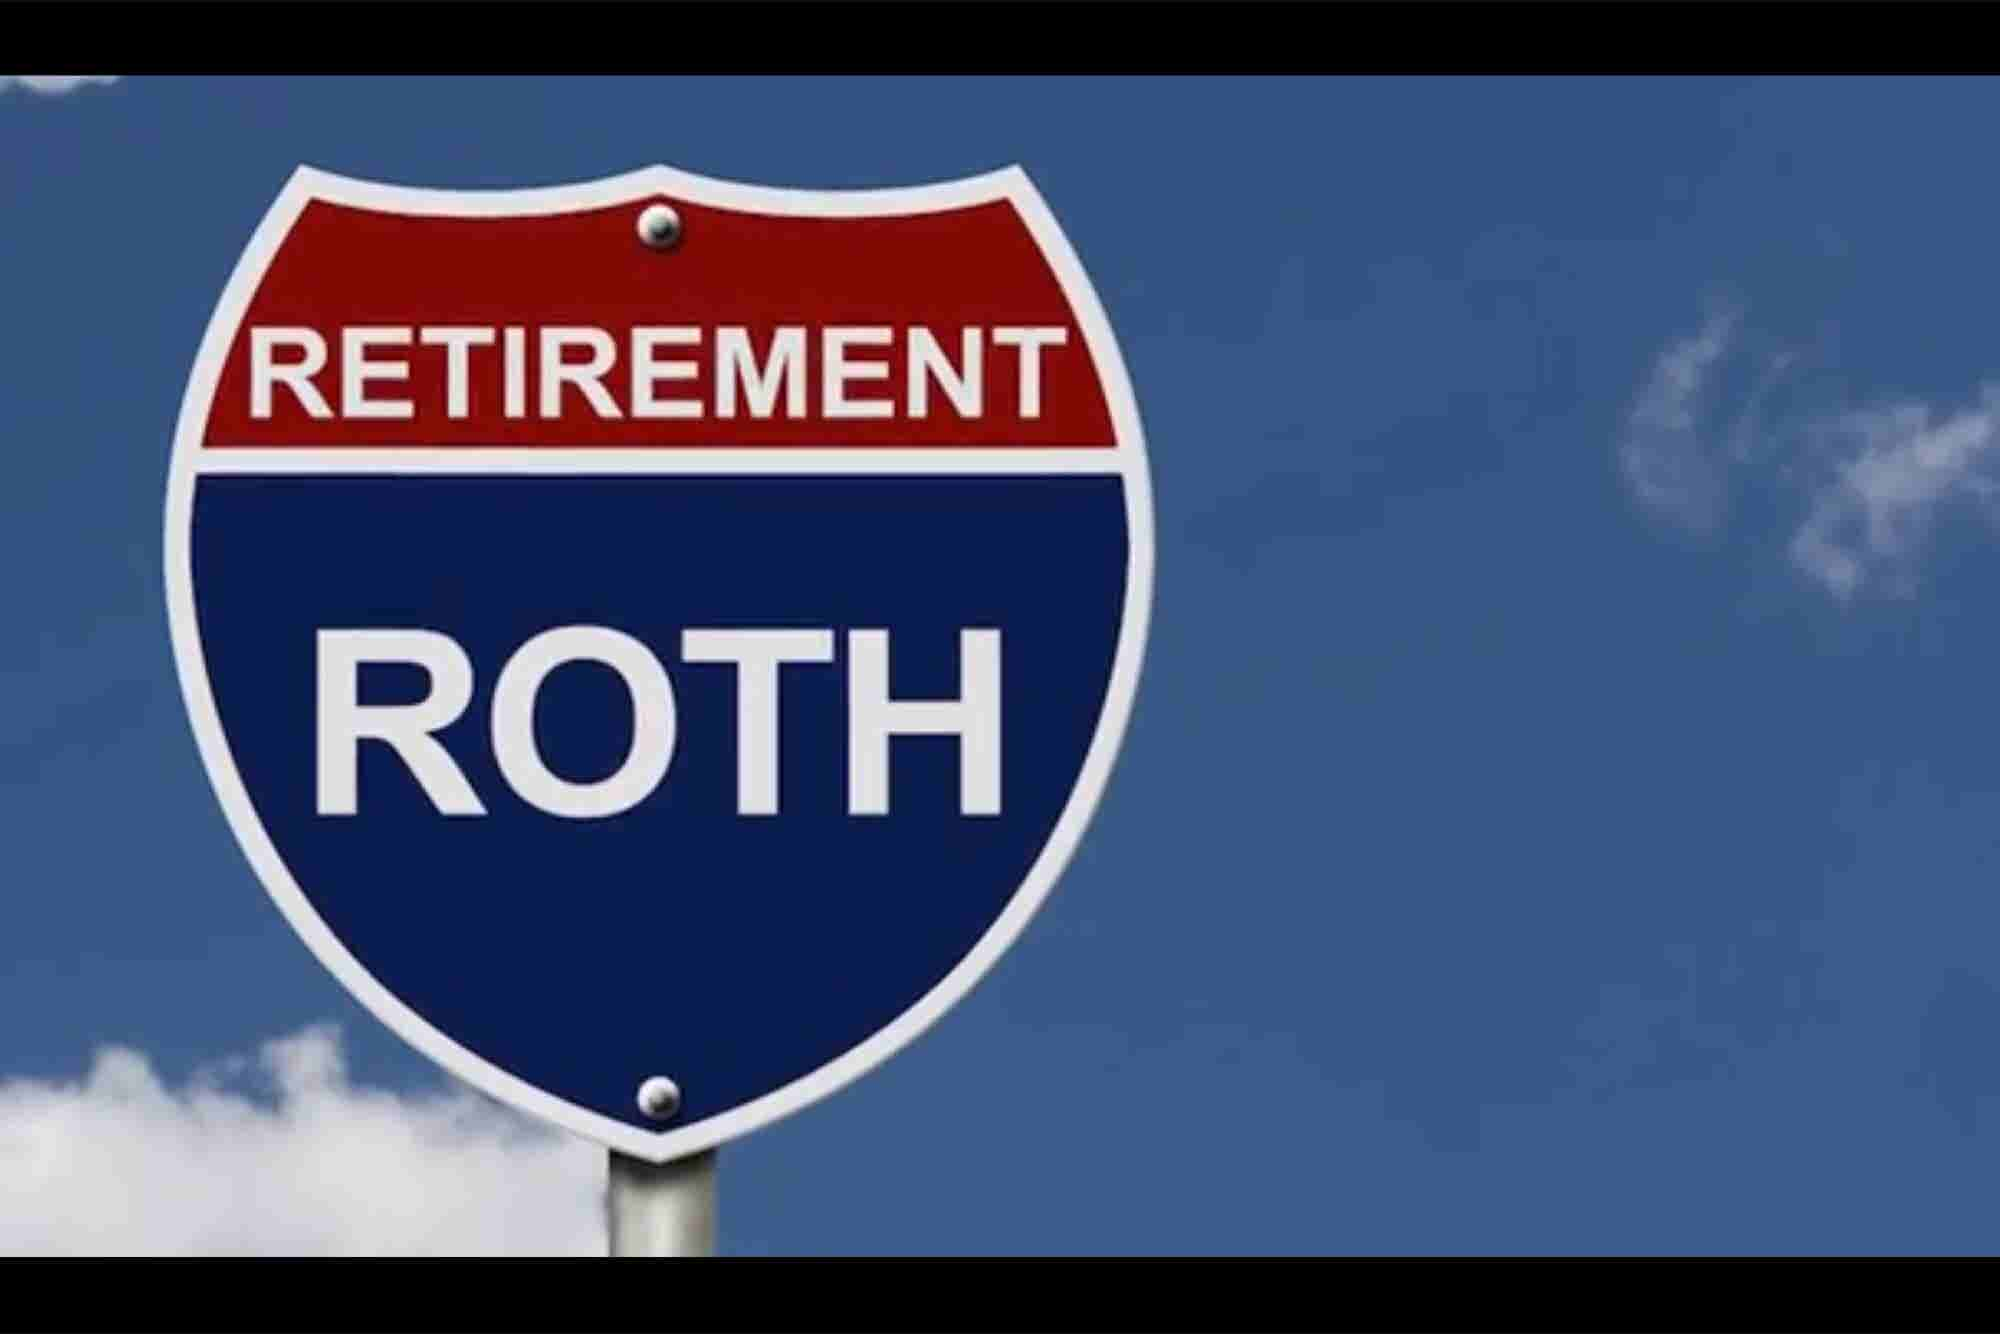 The Best Retirement Plans for Entrepreneurs